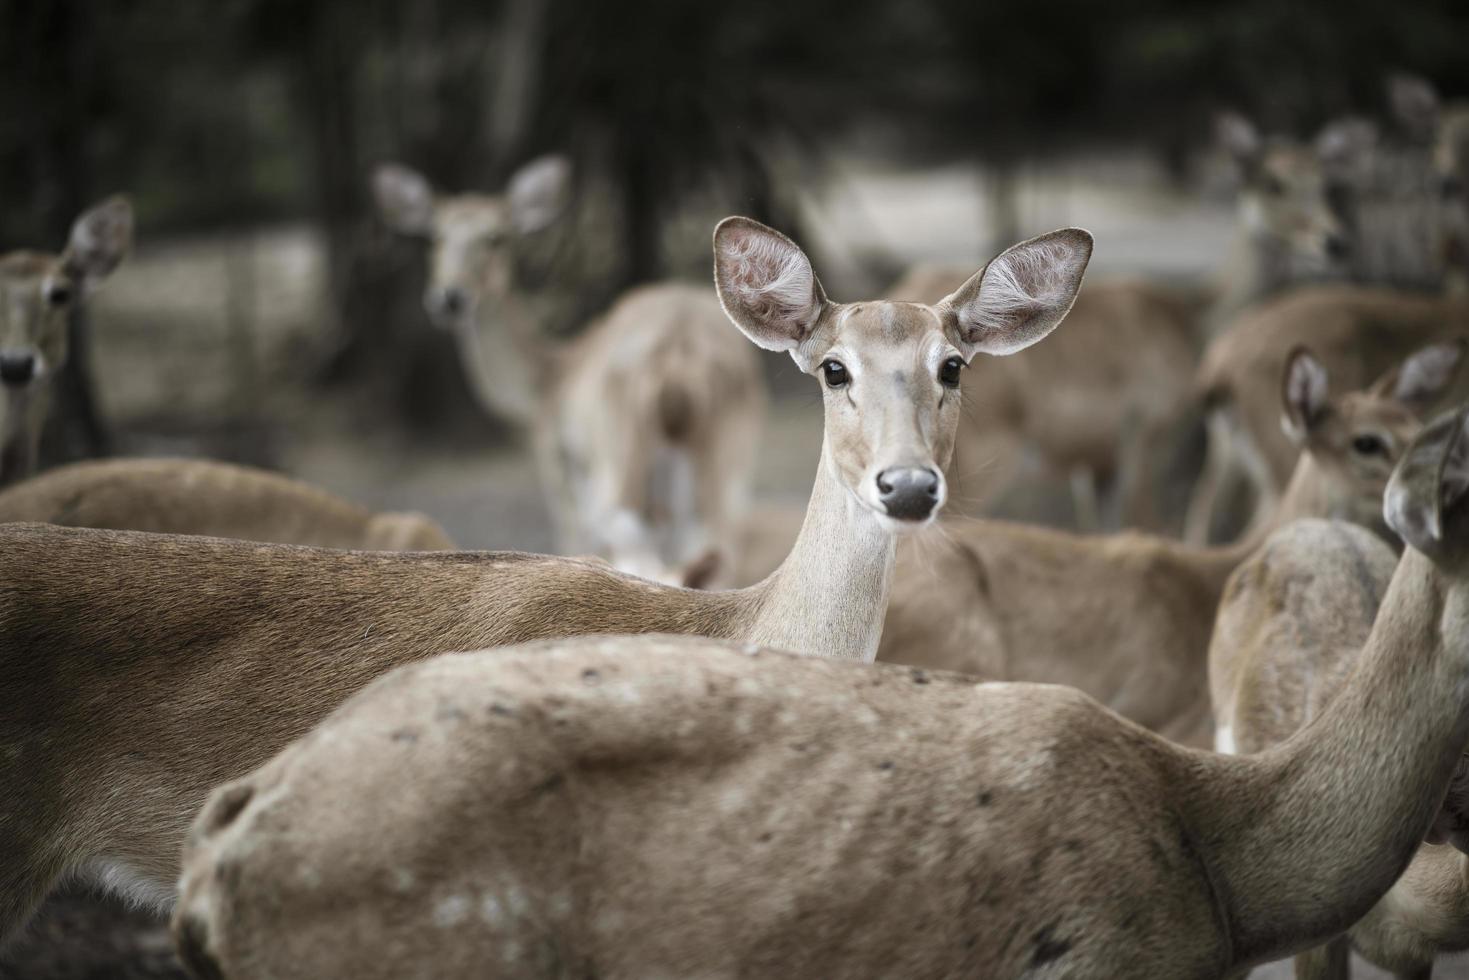 Close-up of deer herd photo